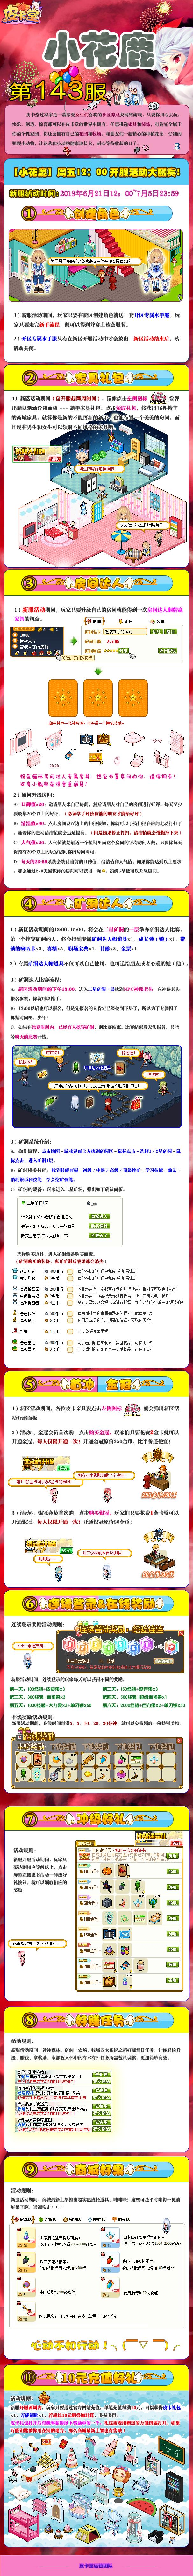 7K7K开服公告小花鹿